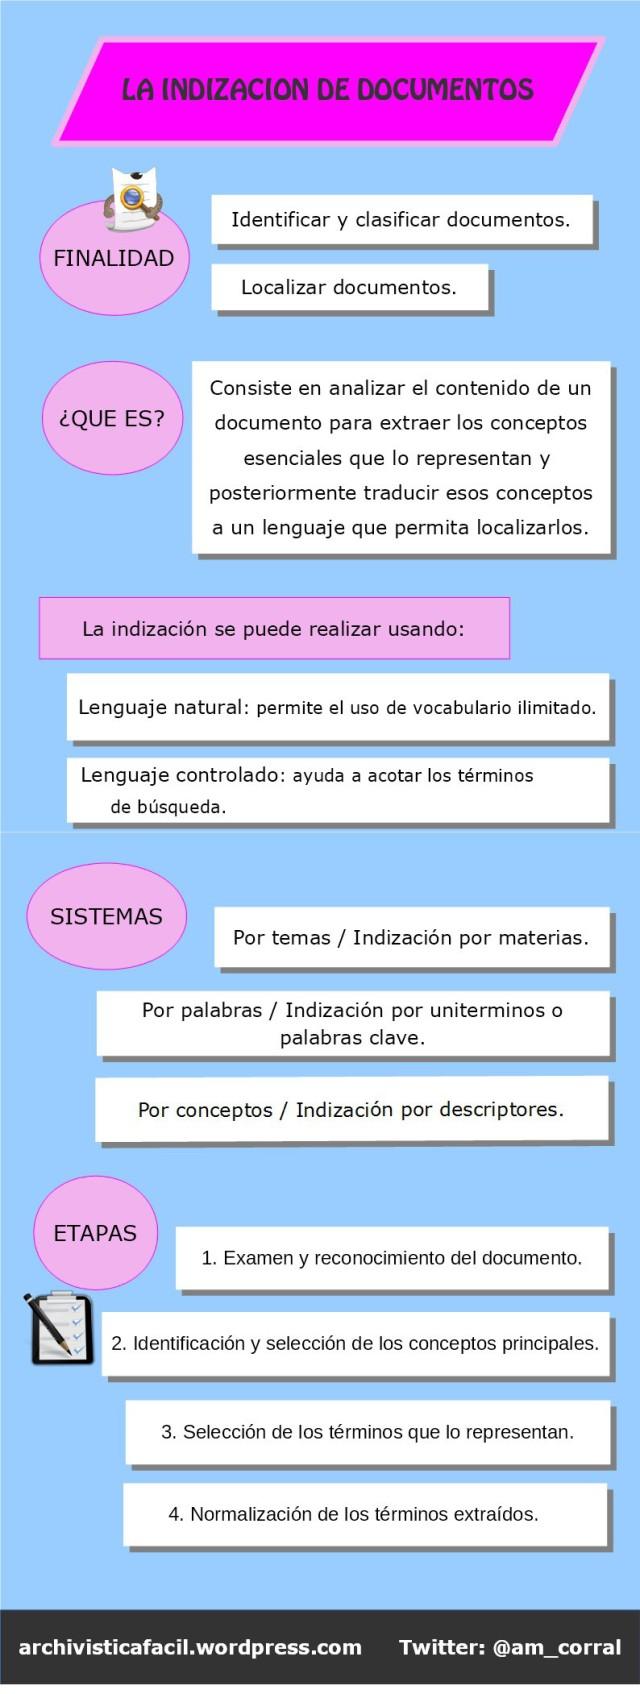 Infografia: Indizacion de documentos - Dokutekana